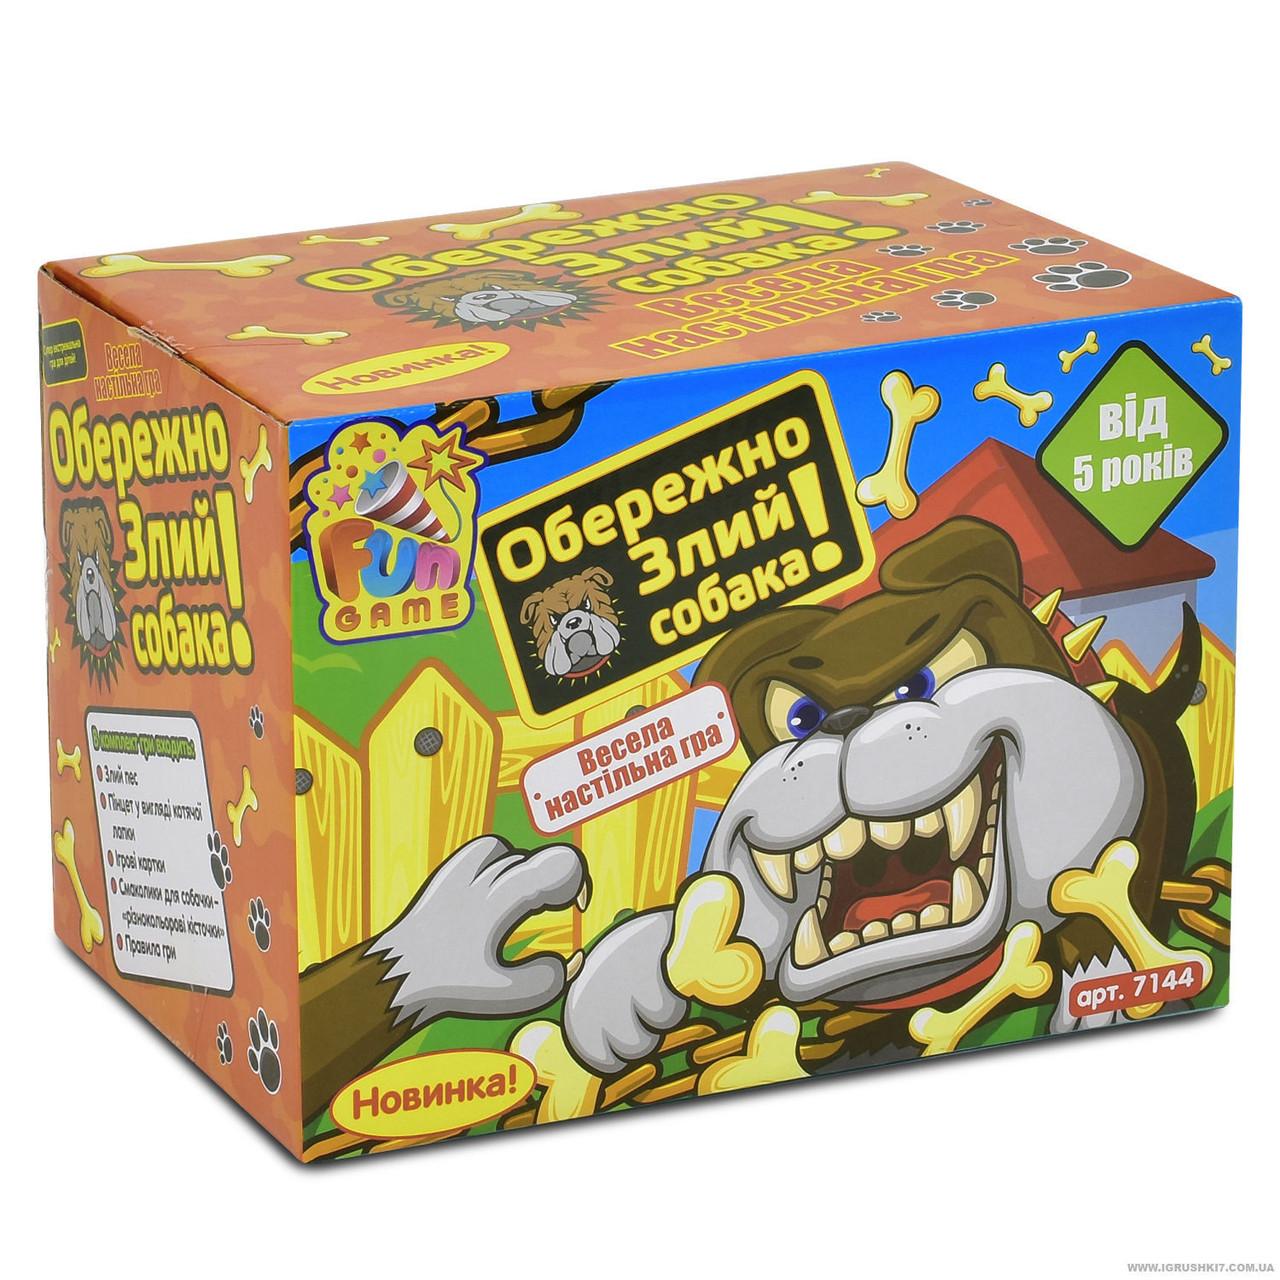 Игра Обережно! Злий собака 7144 на батарейке